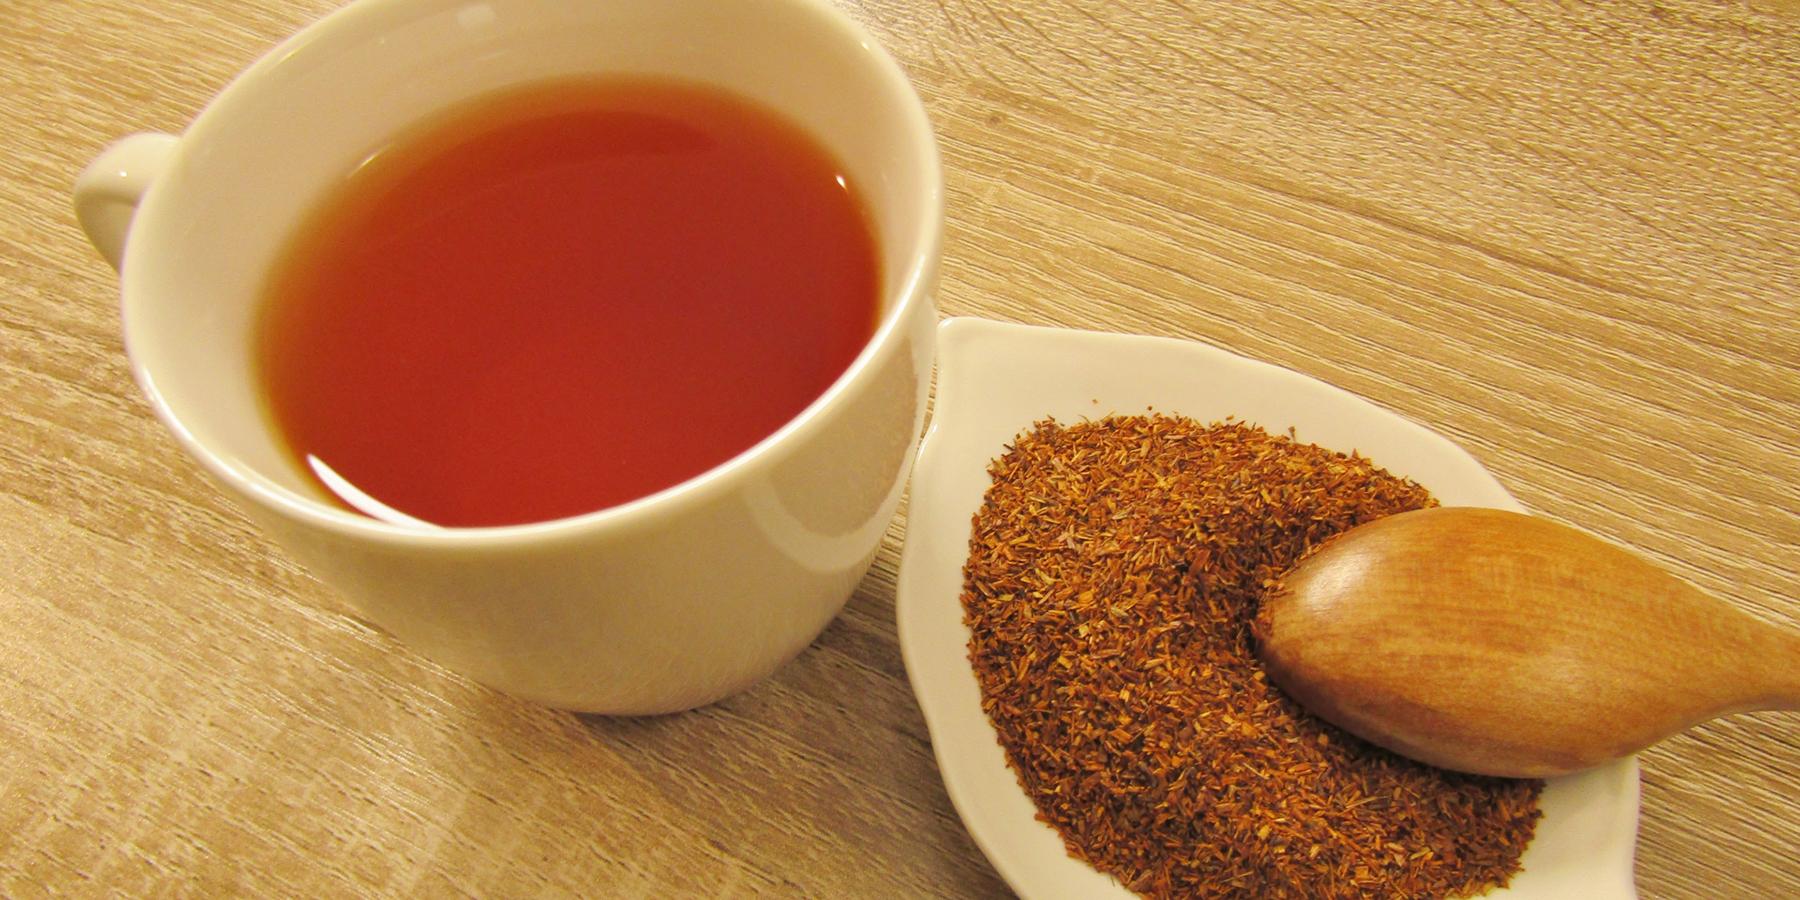 茶葉とルイボスティーのイメージ写真